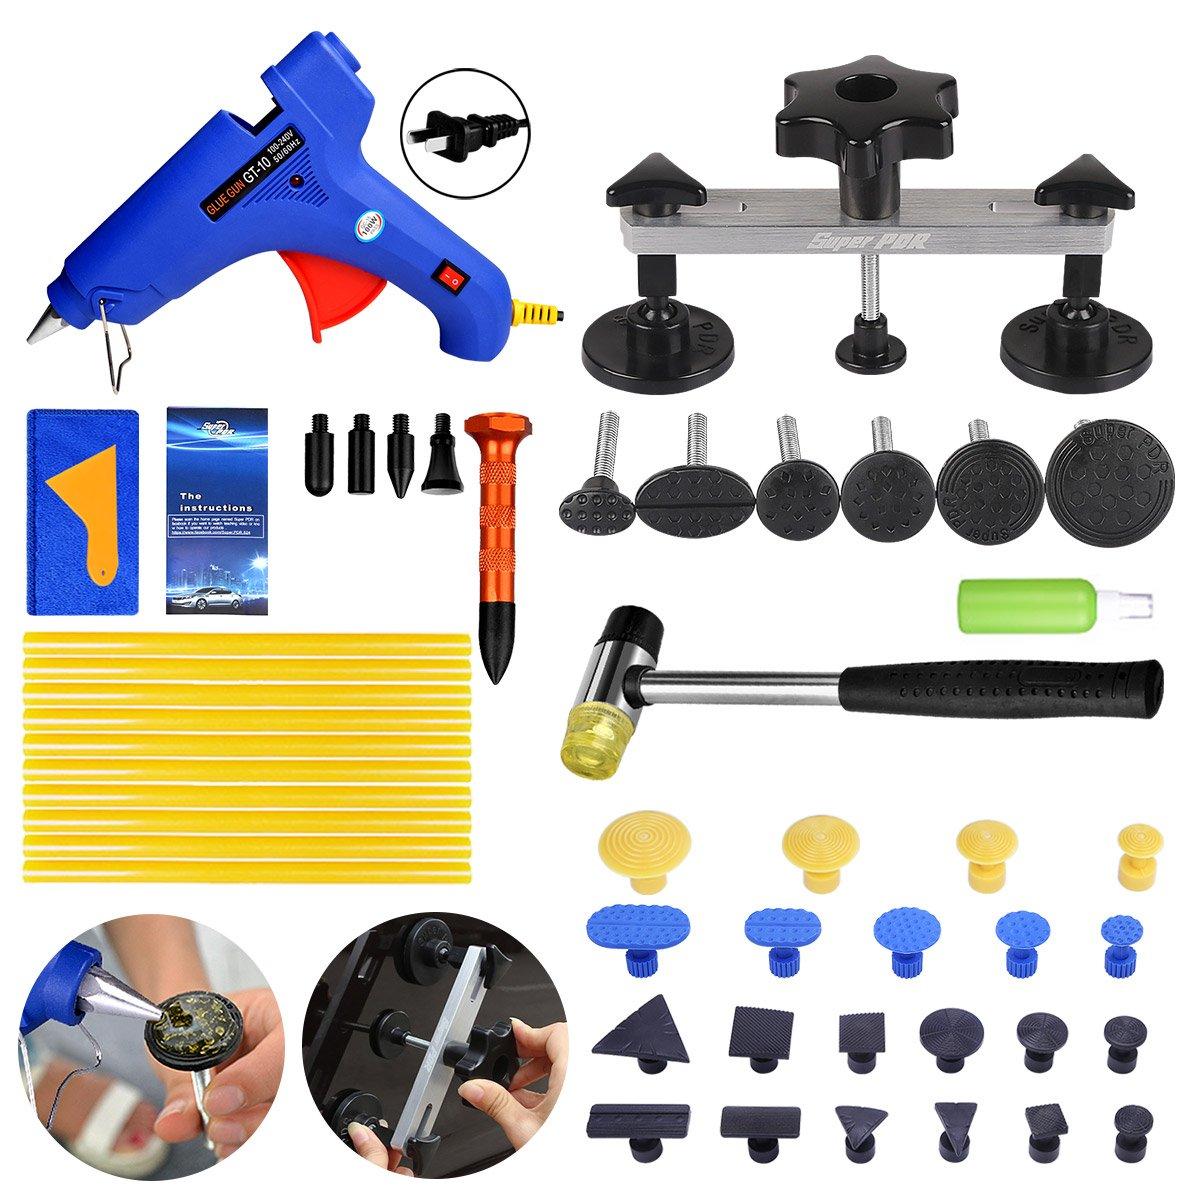 Pdr Tool-Dent Repair Tools Kit-Pops a Dent Puller Kit for Car Body Dent Repair (PA-13)